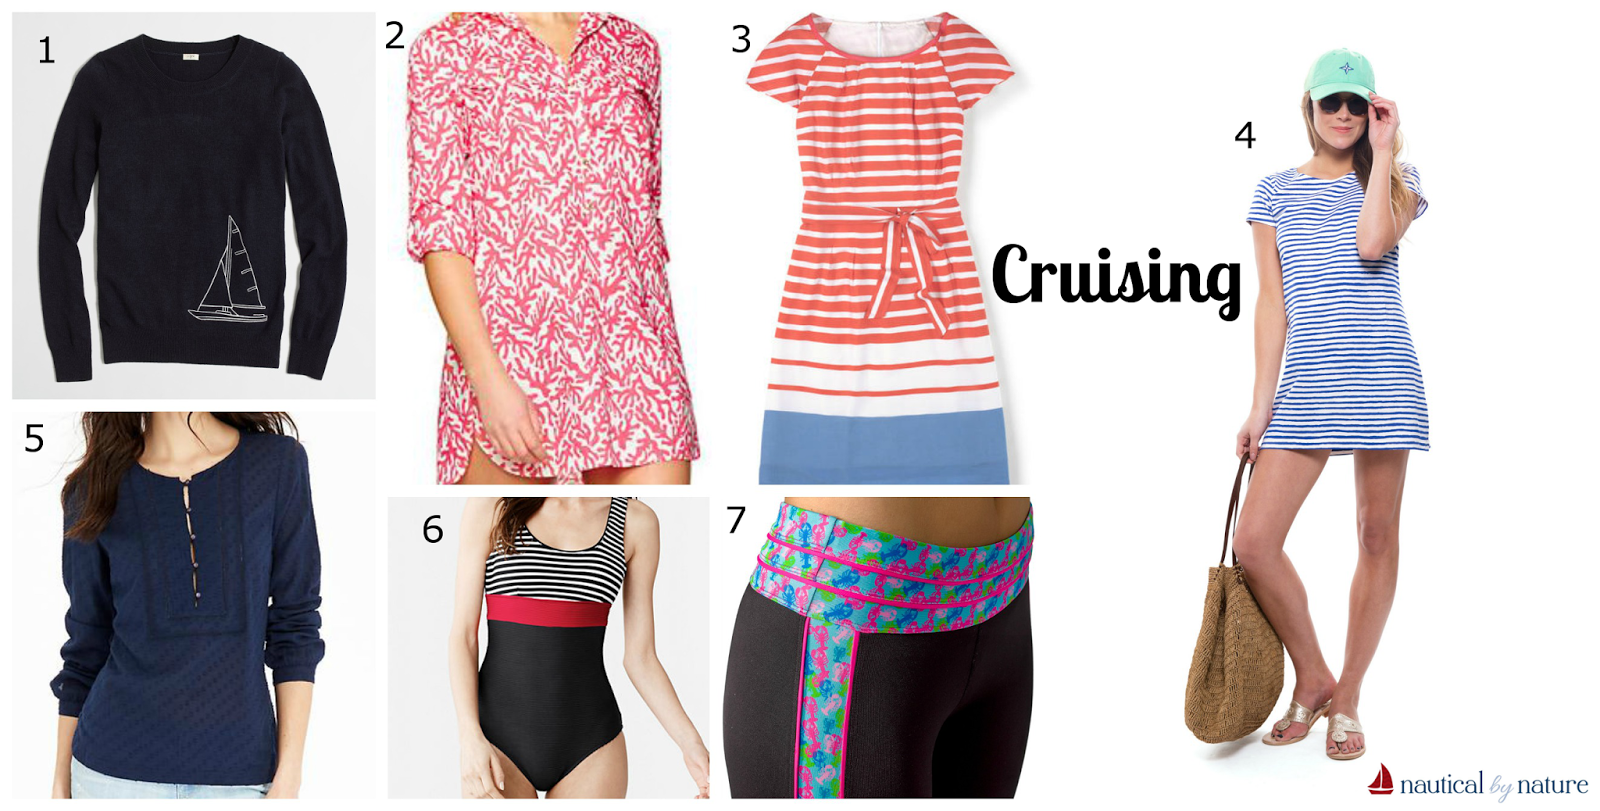 Nautical by Nature | Cruising Wish List